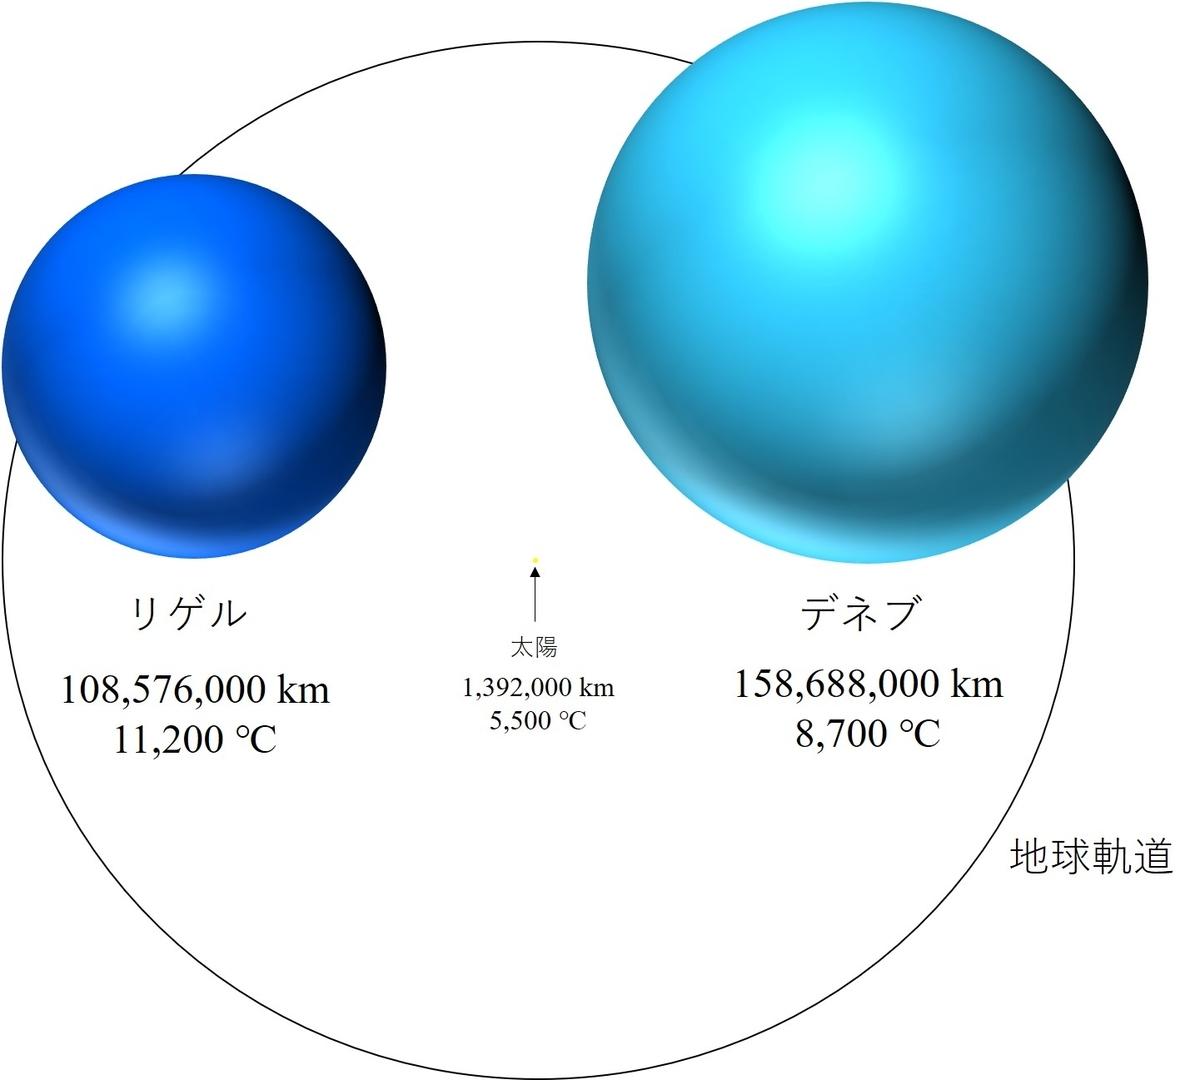 f:id:Baikalake:20200108230200j:plain